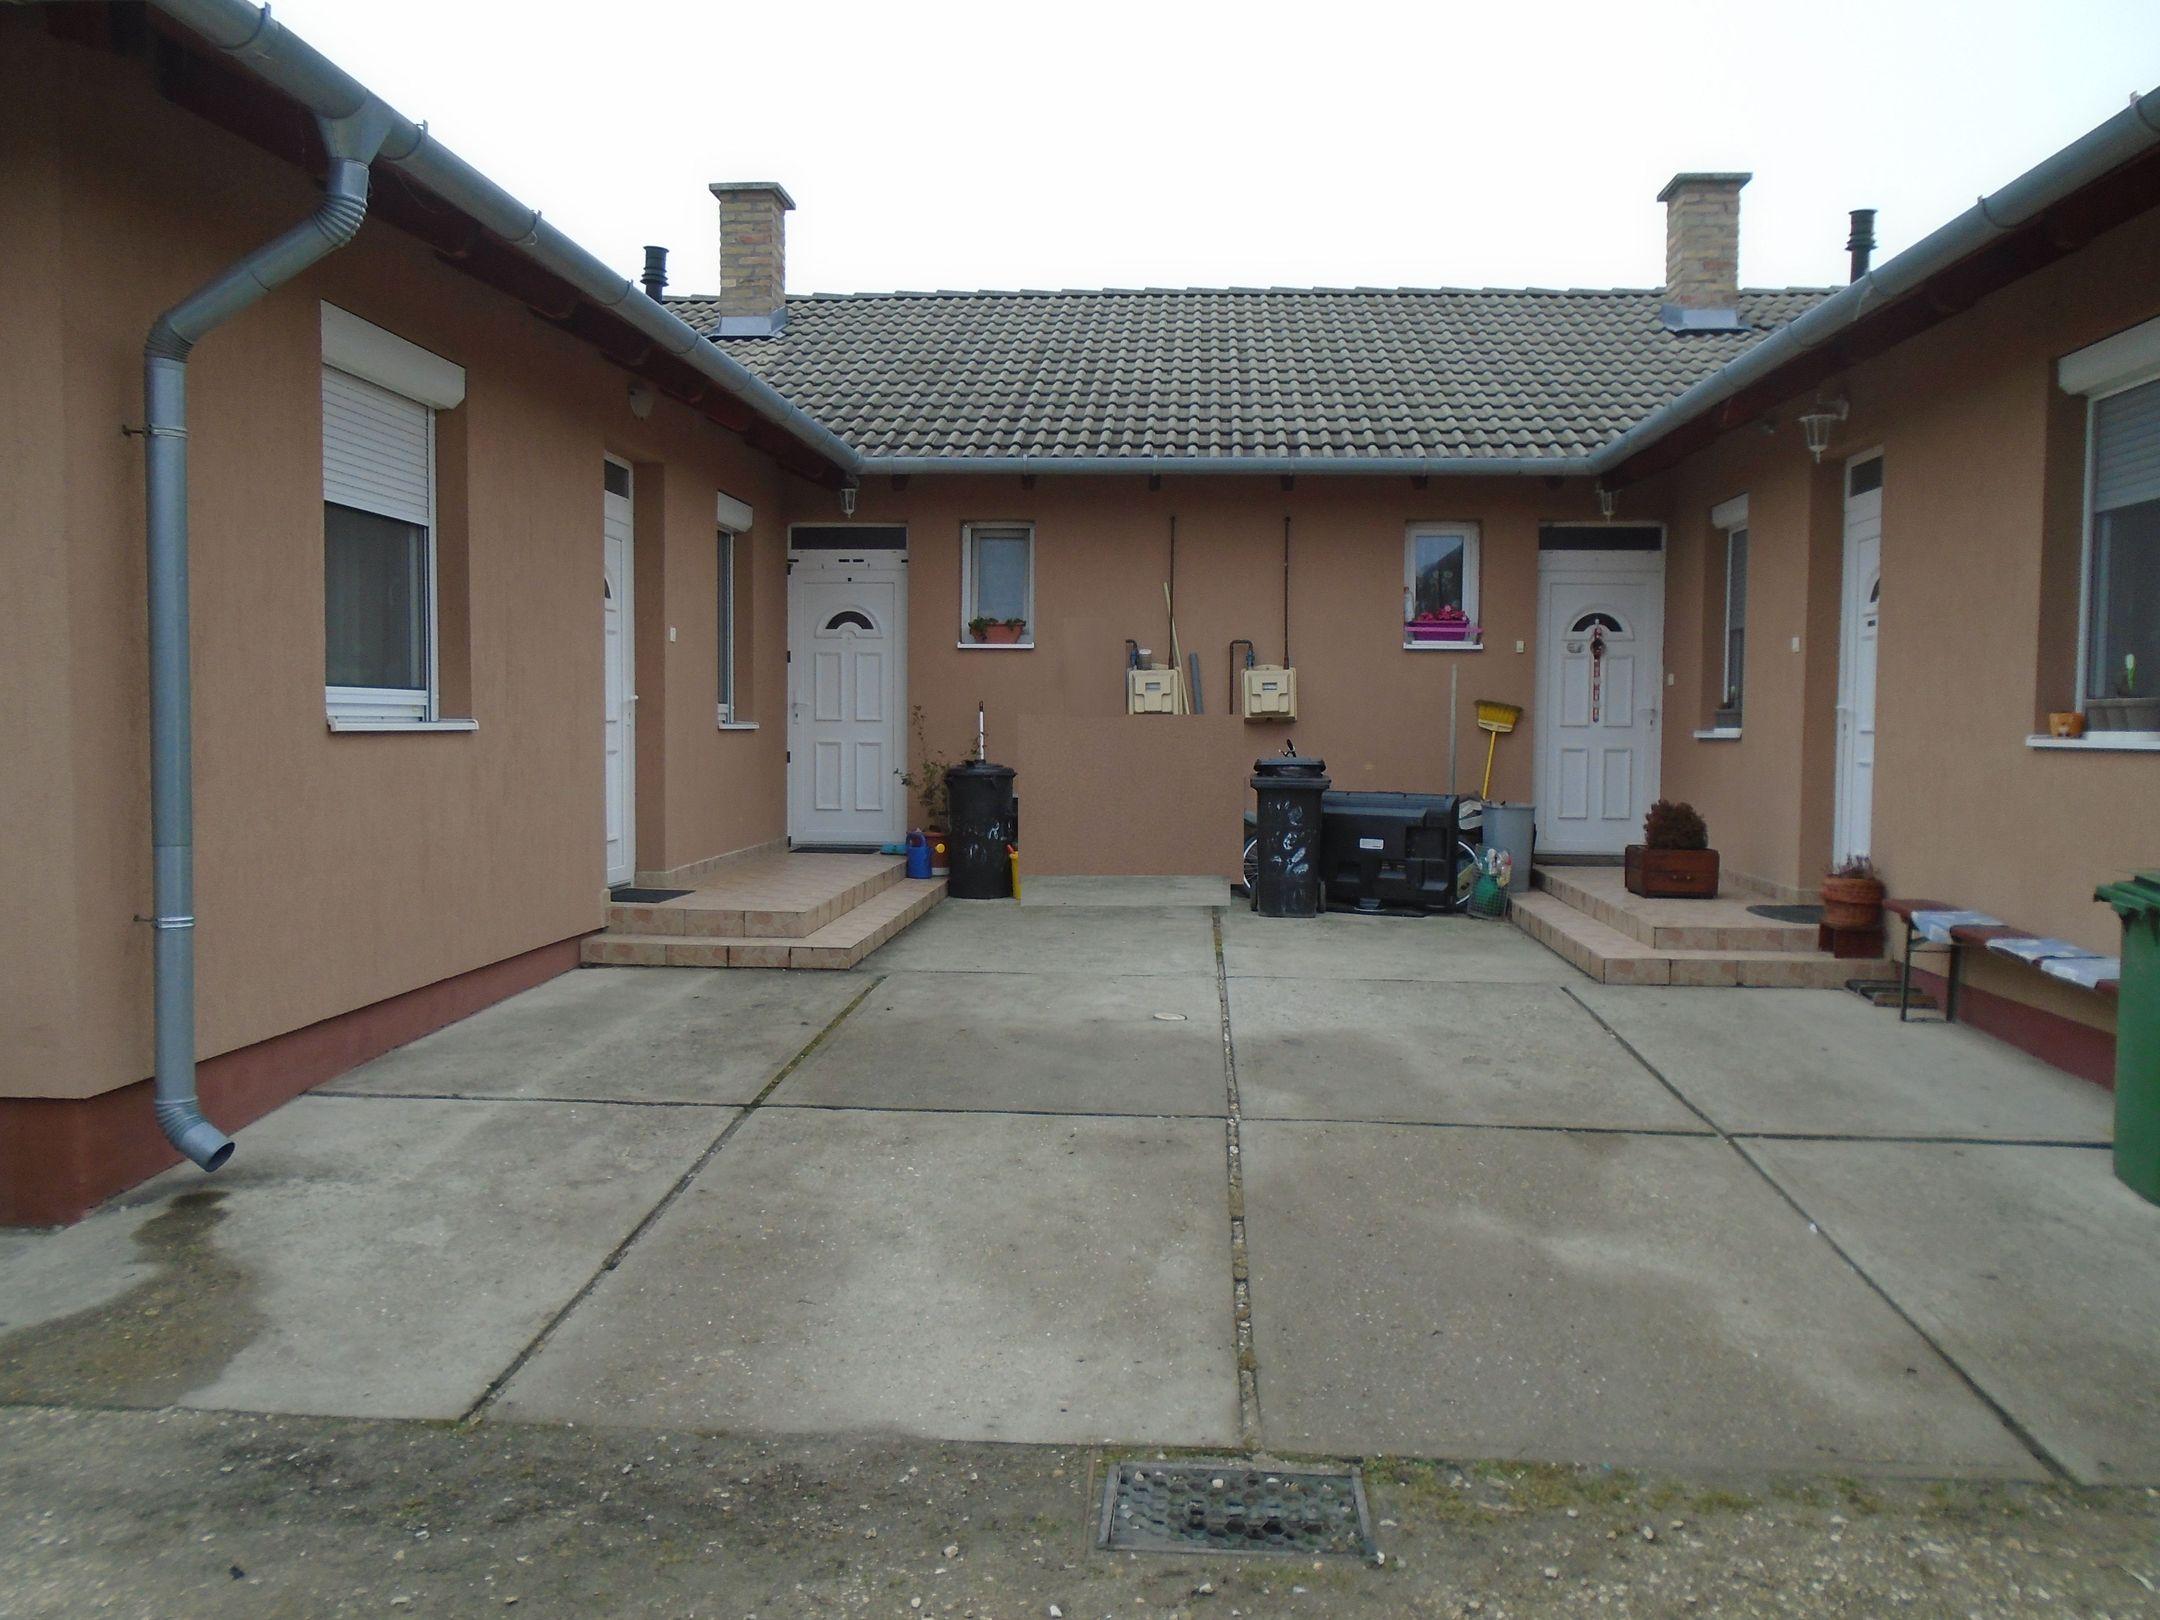 Gyömrőn,családi házas környezetben,nyugodt utcában újszerű,jó állapotú sorházi lakás eladó!